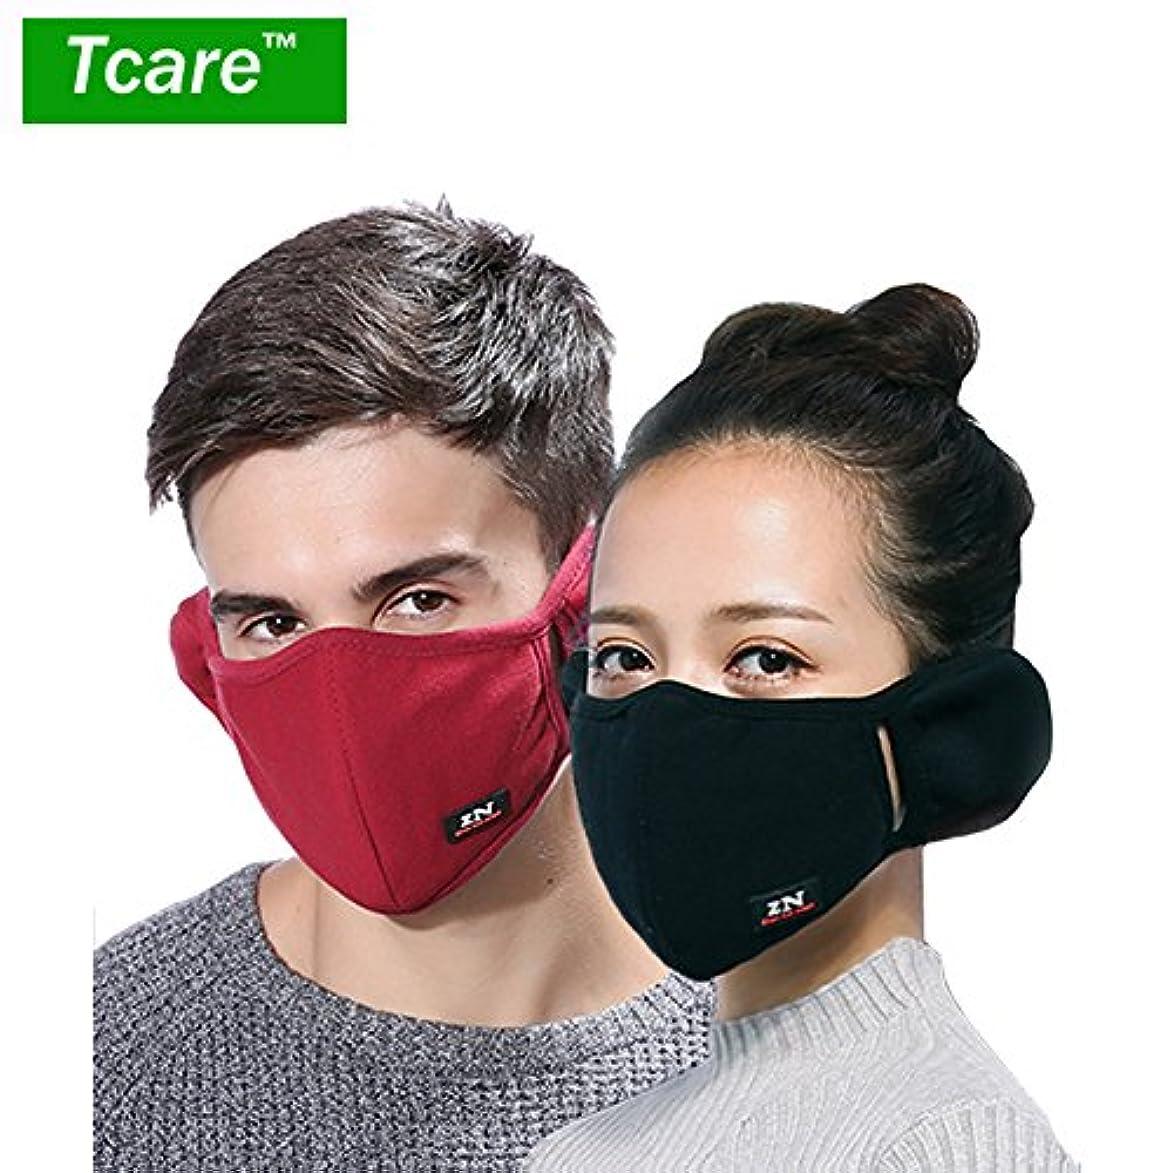 発行パール失う男性女性の少年少女のためのTcare呼吸器2レイヤピュアコットン保護フィルター挿入口:6ピンク